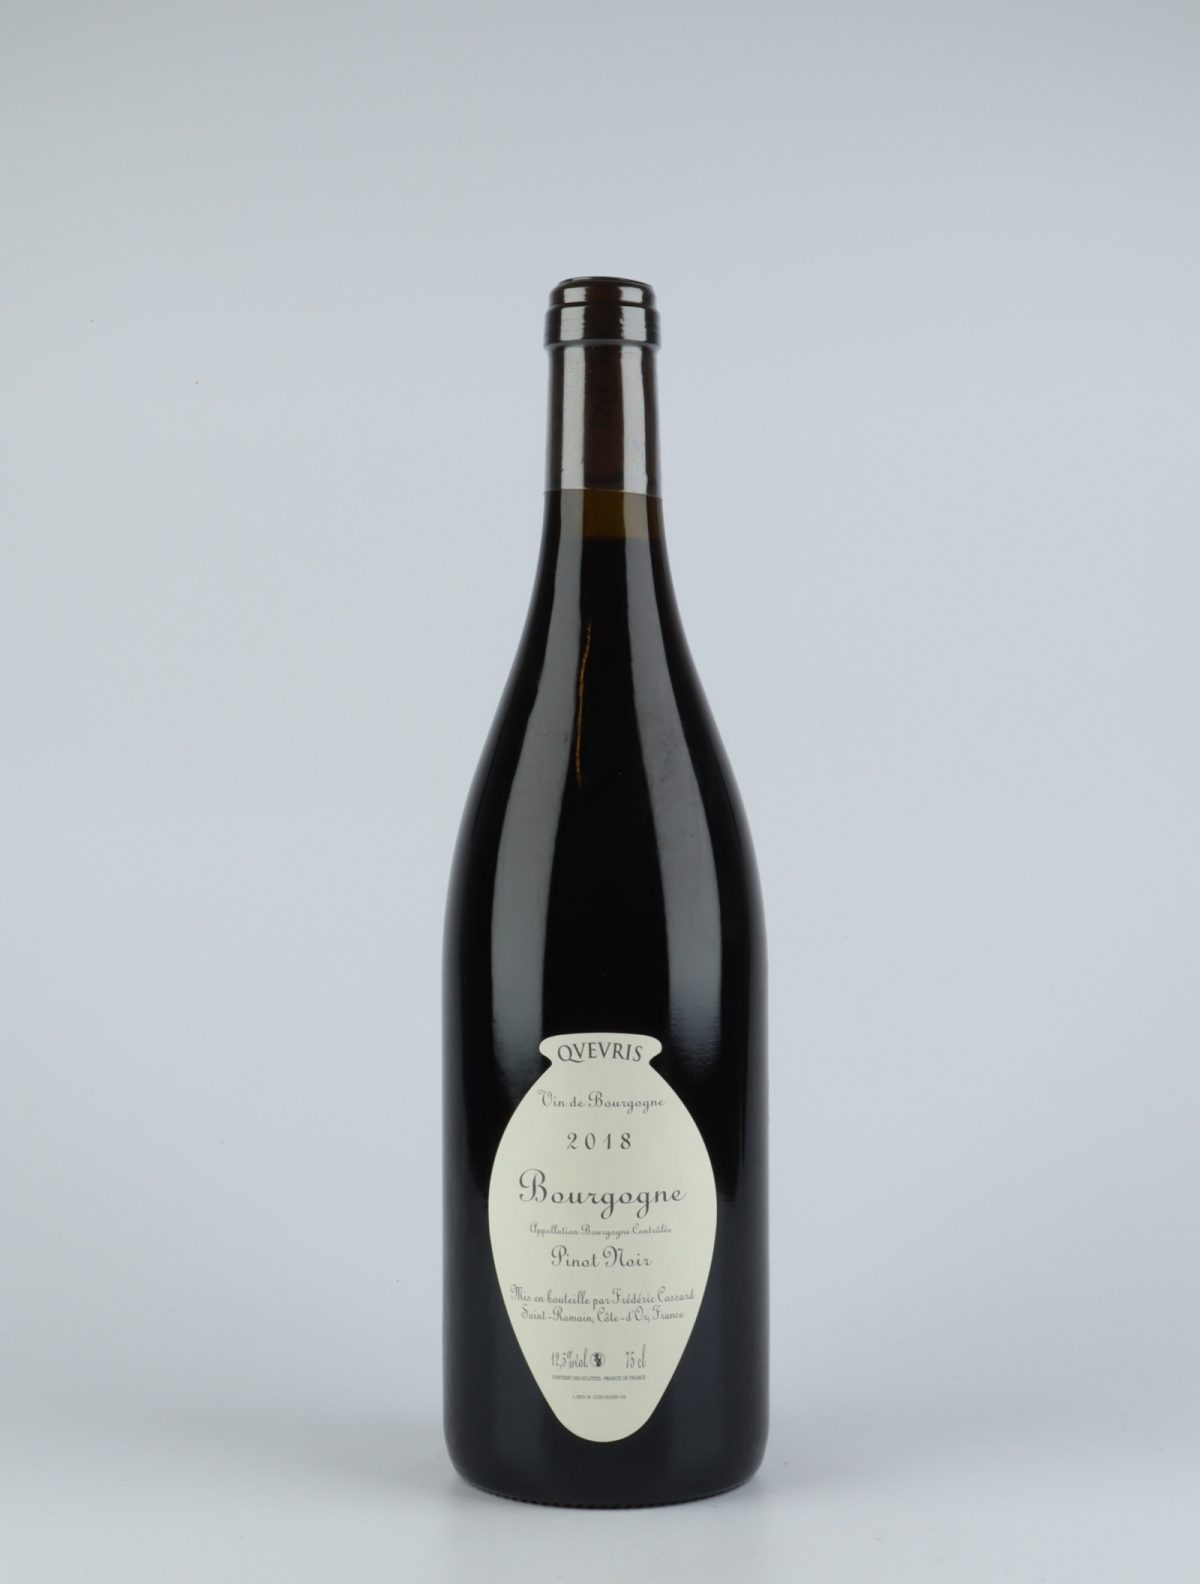 Bourgogne Rouge - Bedeau - Qvevris